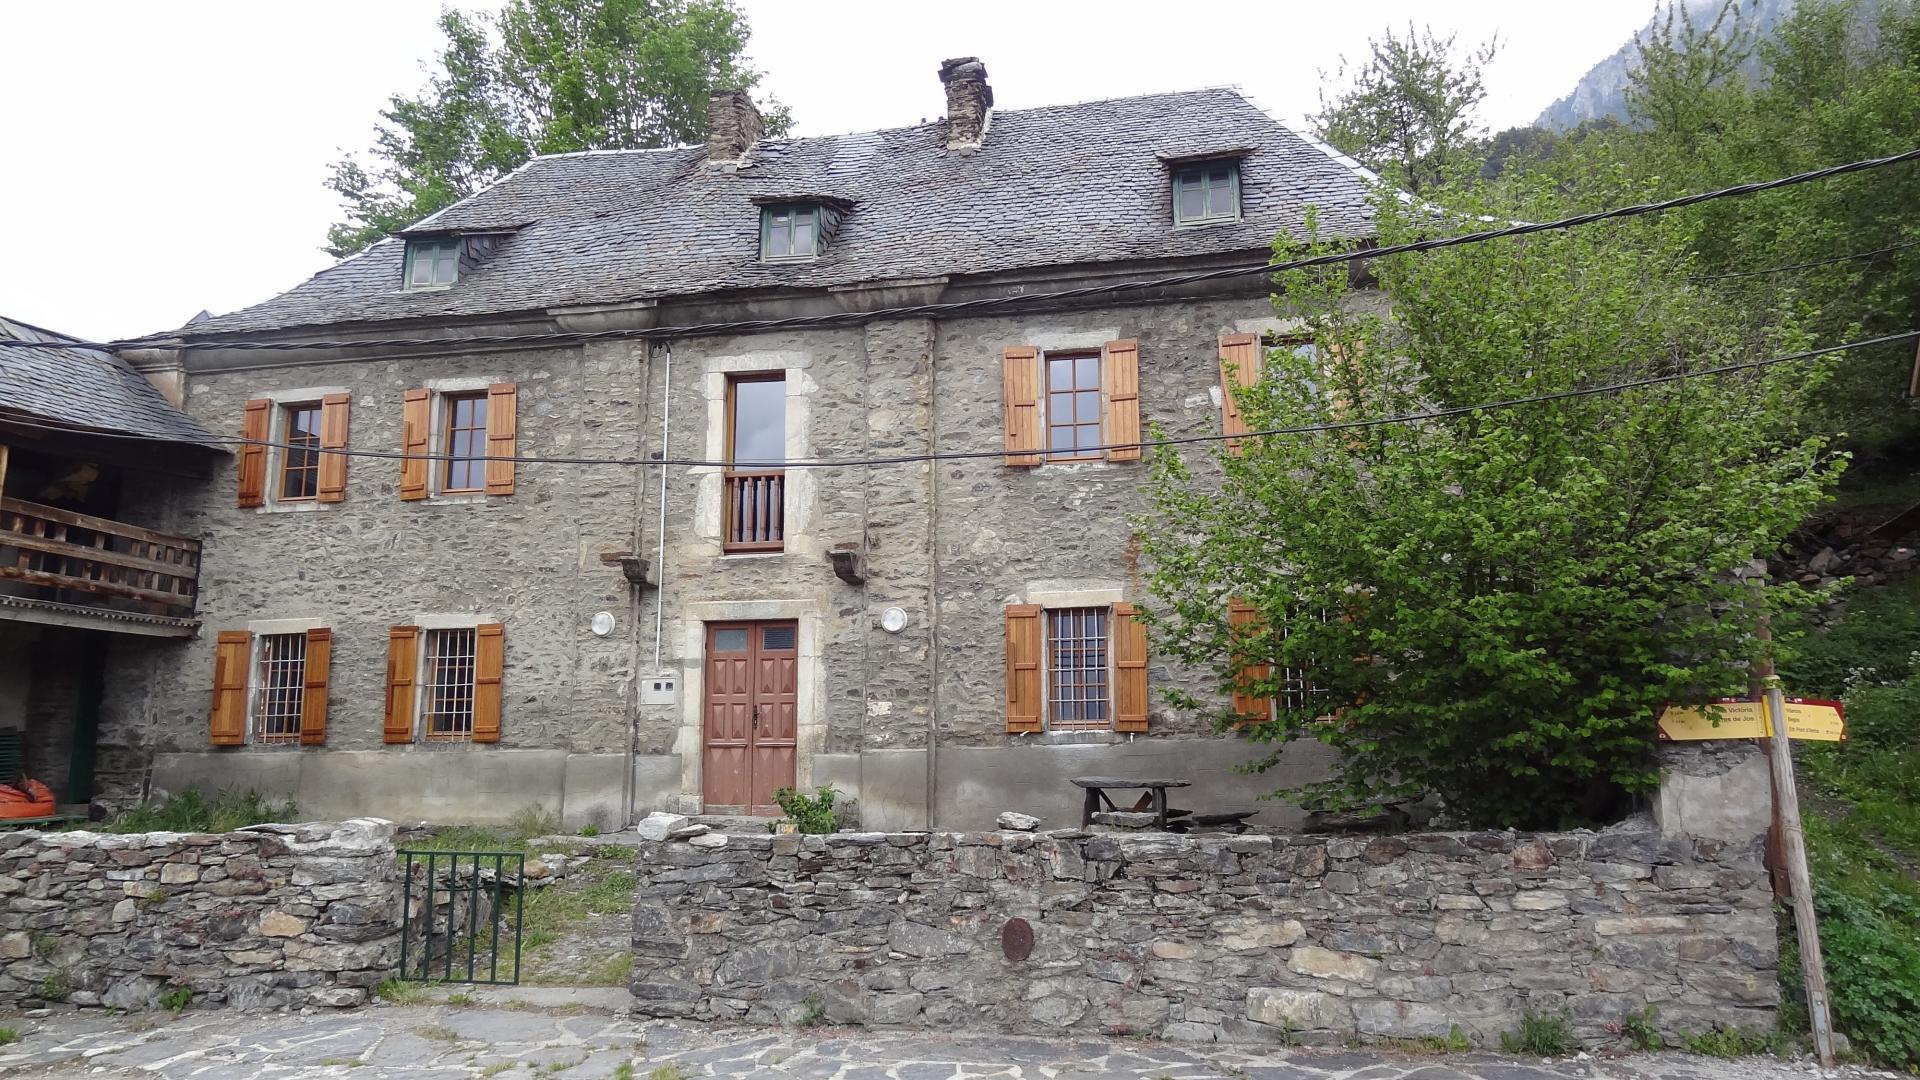 Maison 2015